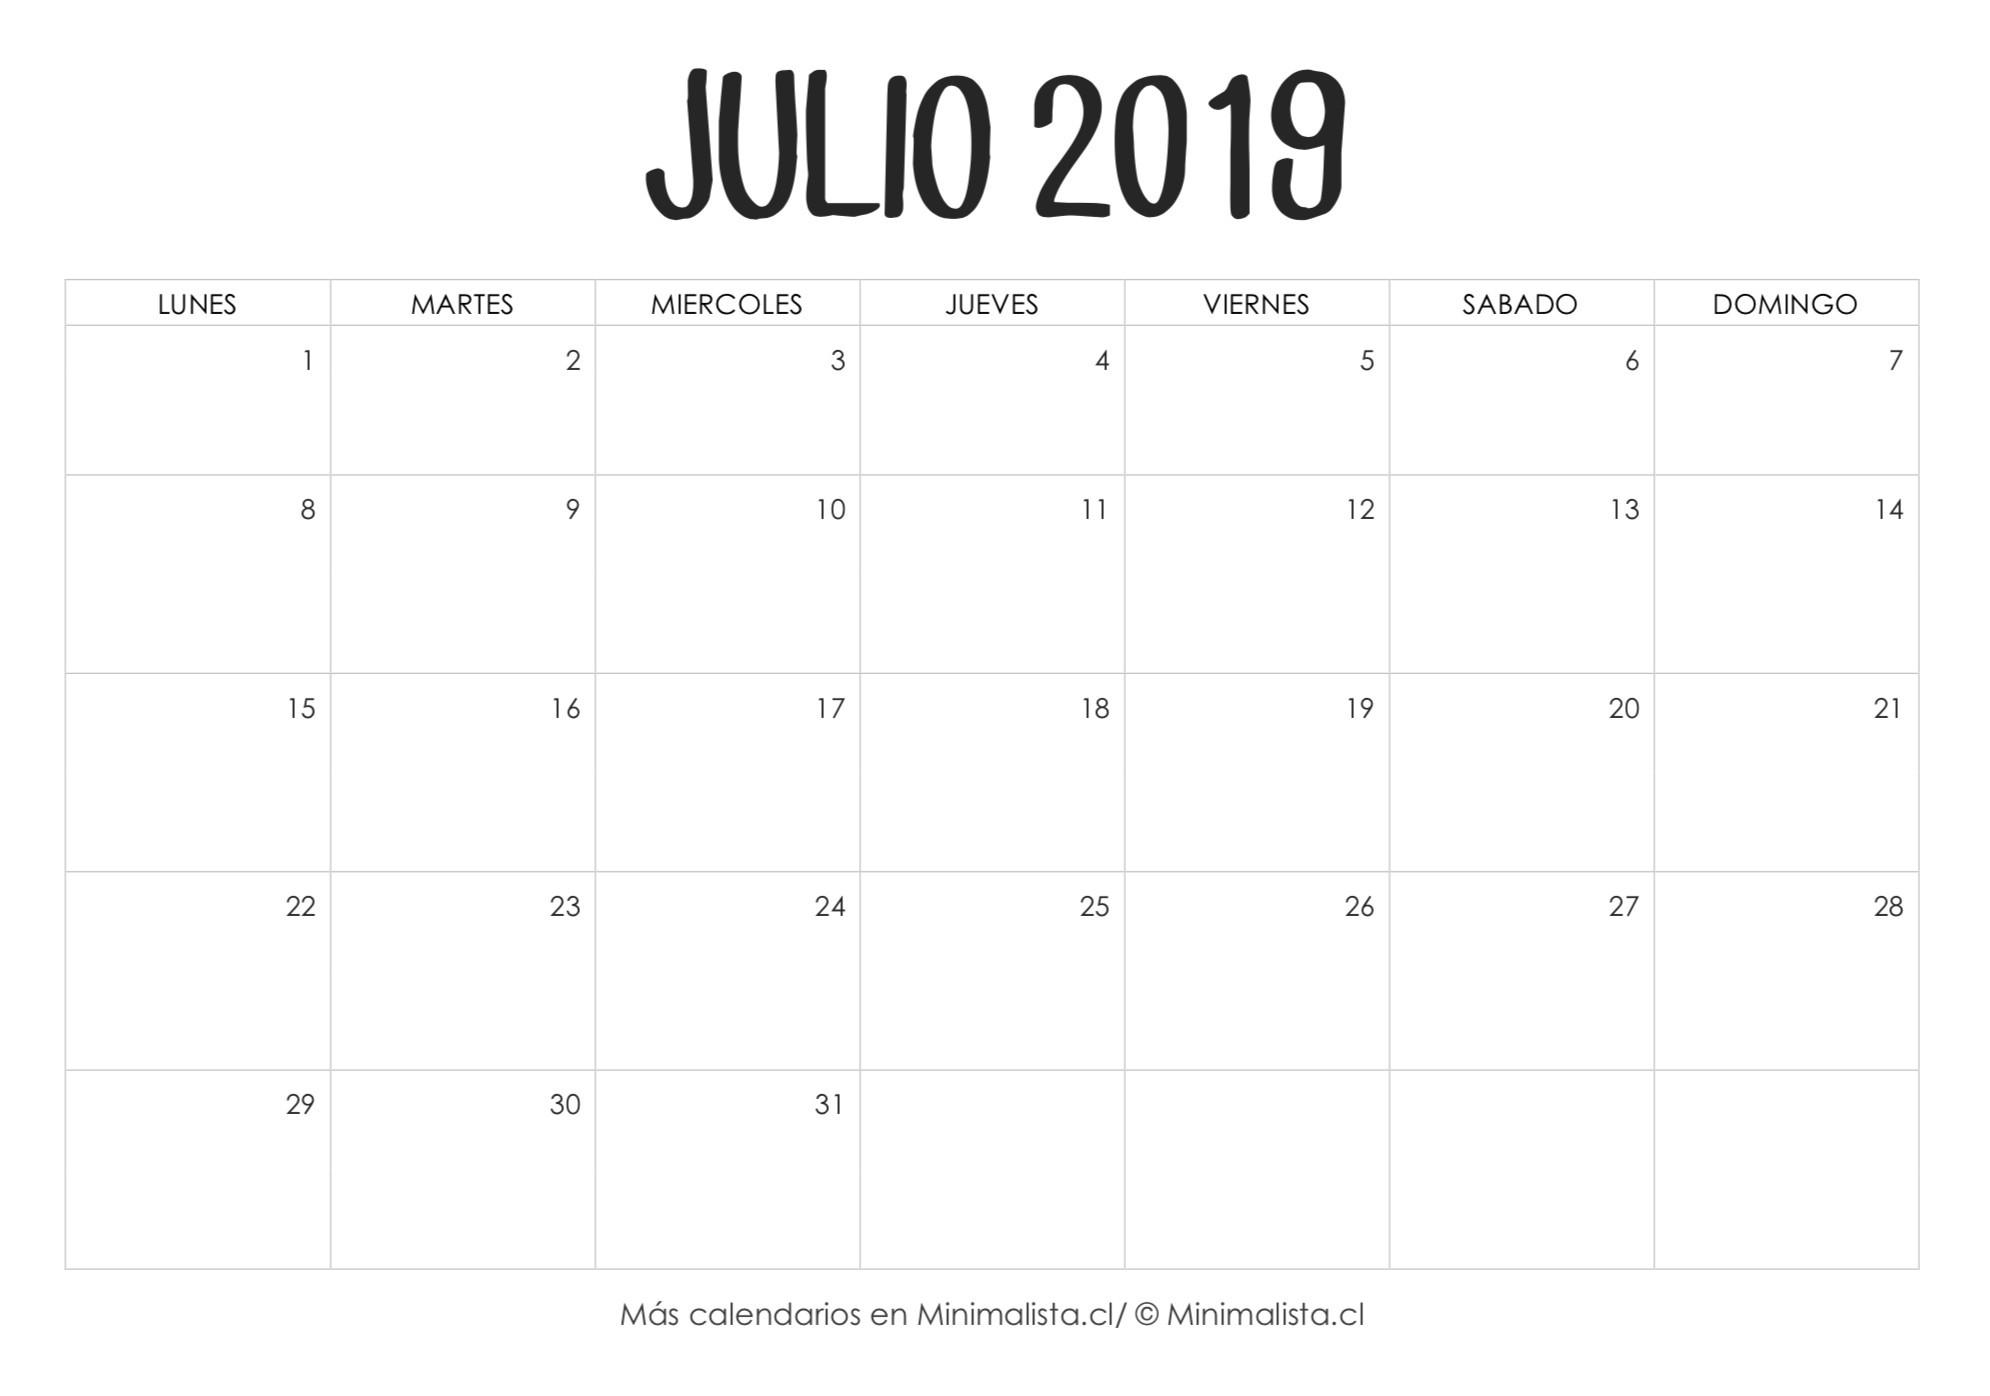 Calendario Febrero 2018 Pdf Más Arriba-a-fecha Esto Es Exactamente Calendario 2019 Y 2019 Para Imprimir Of Calendario Febrero 2018 Pdf Más Reciente eventos